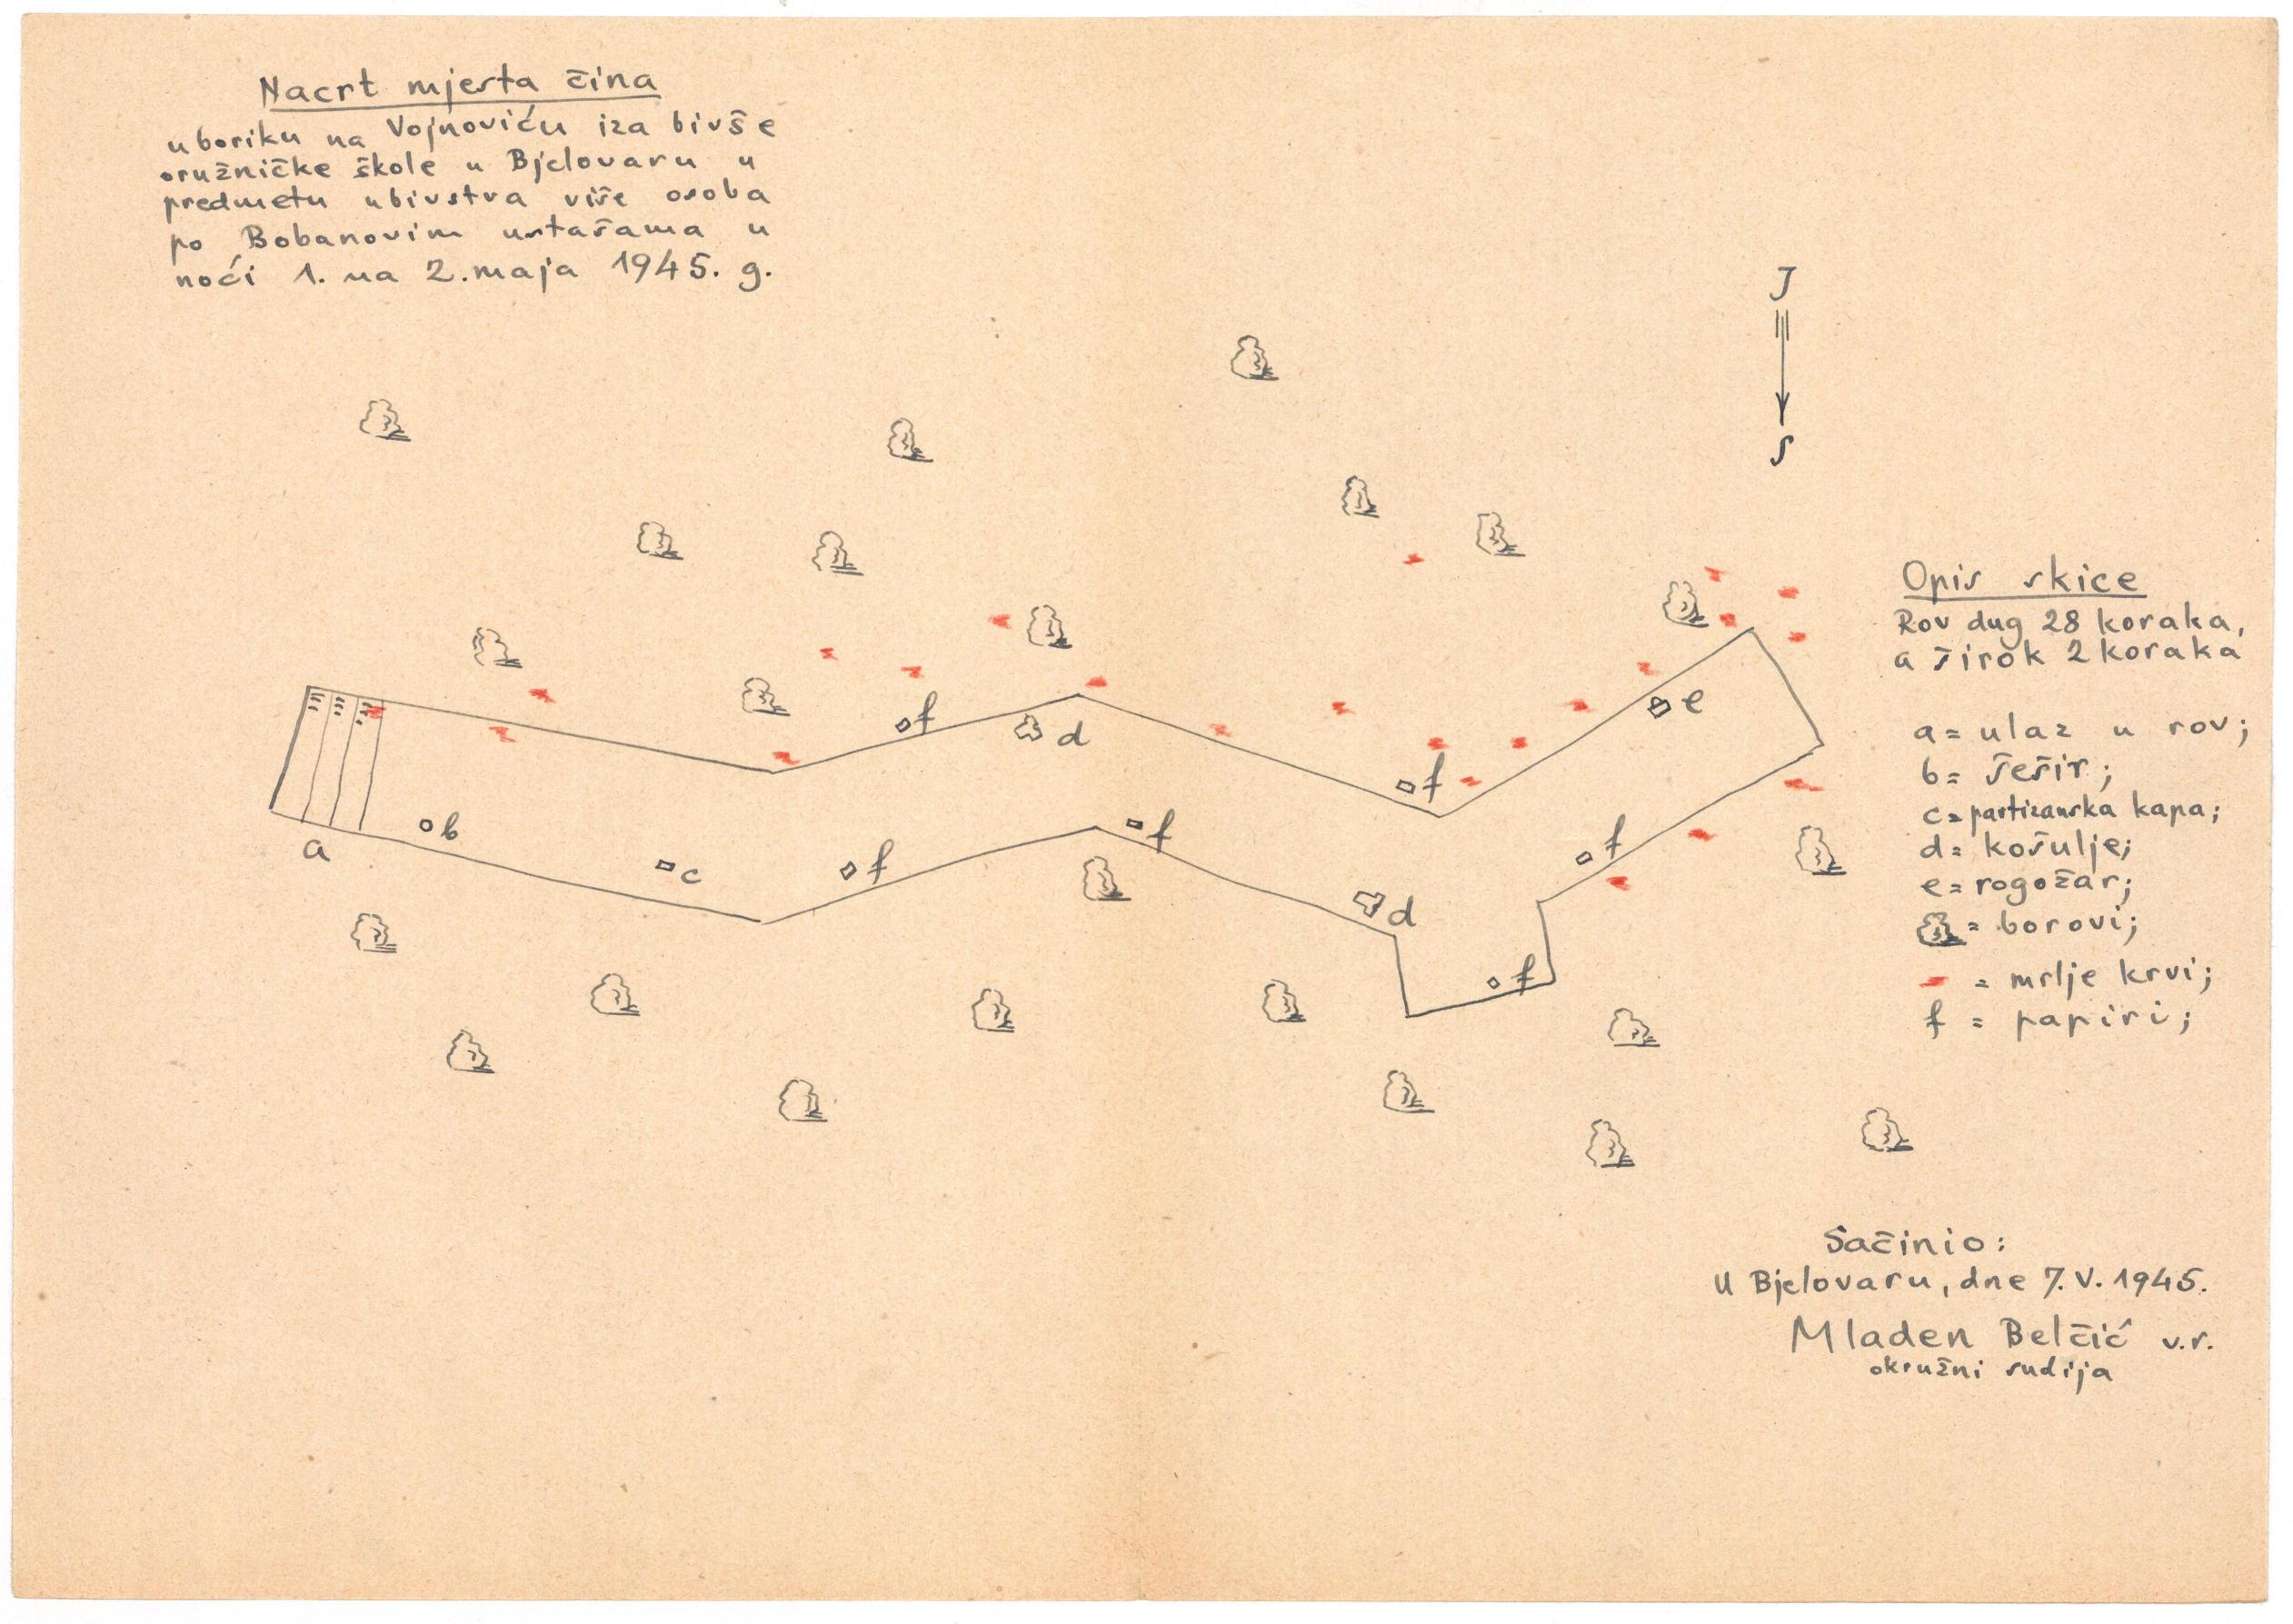 Skica mjesta zločina na Vojnoviću u Bjelovaru u noći 1. na 2. svibnja 1945. (Izvor: HR-HDA-306-Zemaljska komisija za utvrđivanje zločina okupatora i njihovih pomagača Hrvatska, kutija 196, 6190.)